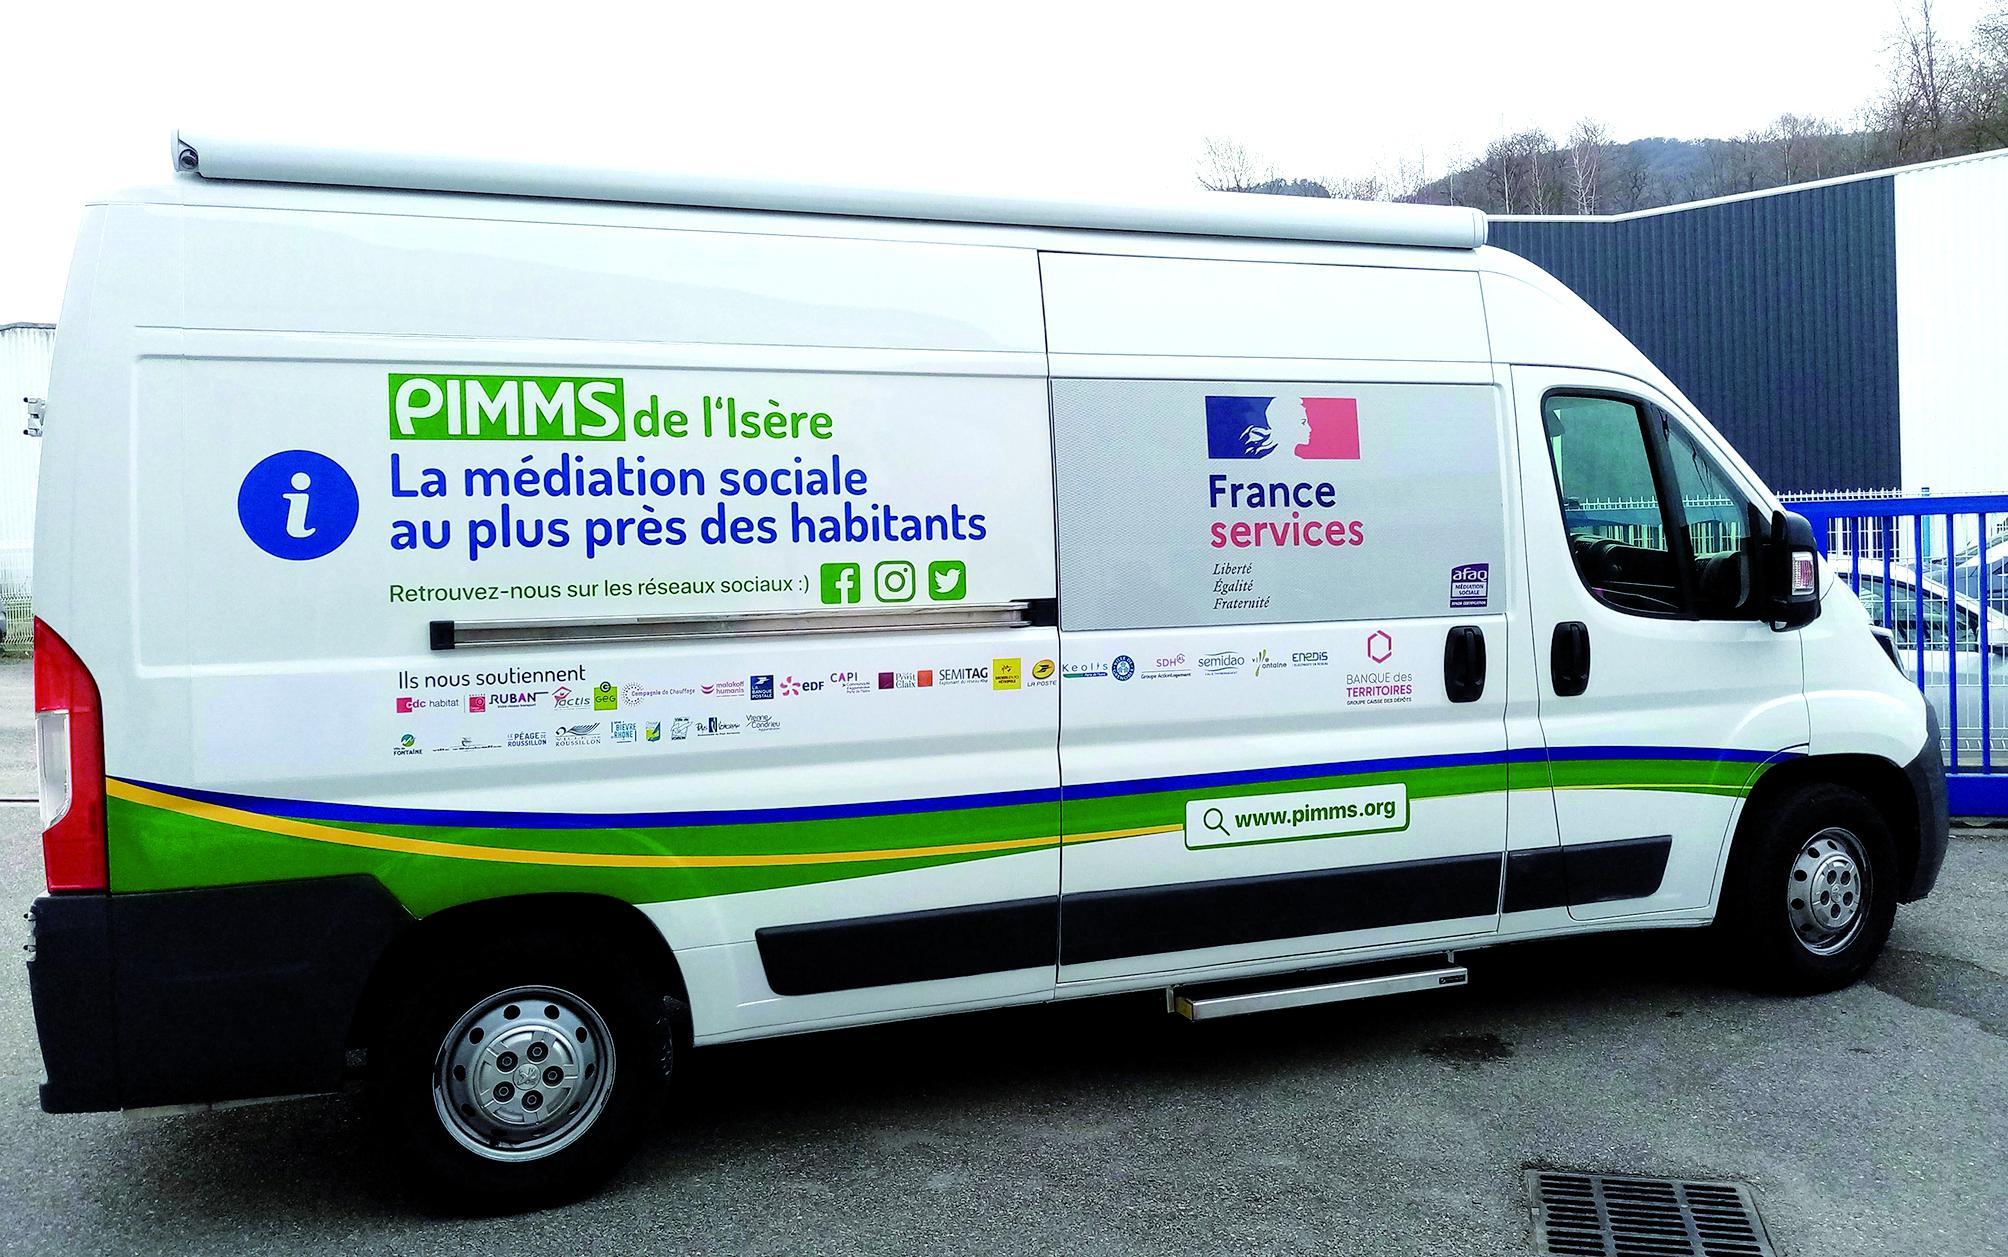 Image de couverture - Bus France Services